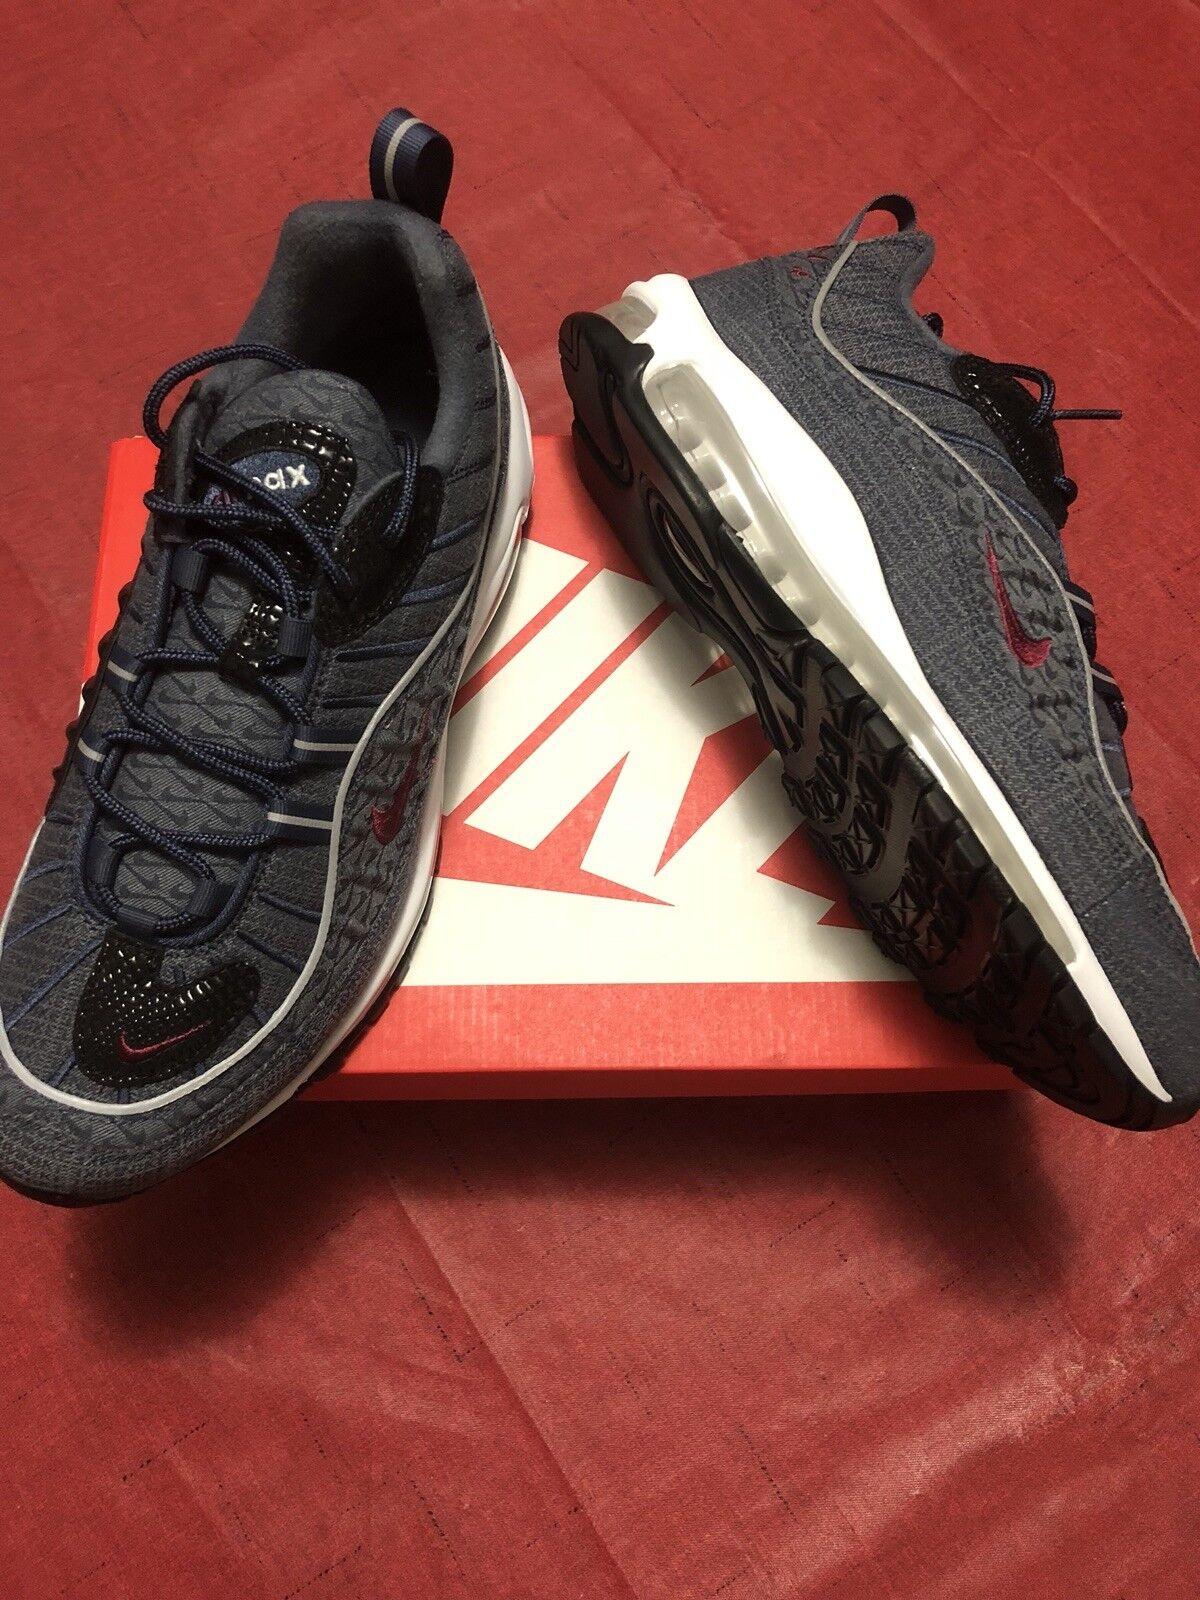 Nike air max 97 qs 44 thunder blue team red 924462 400 pennino ltd quickstrike